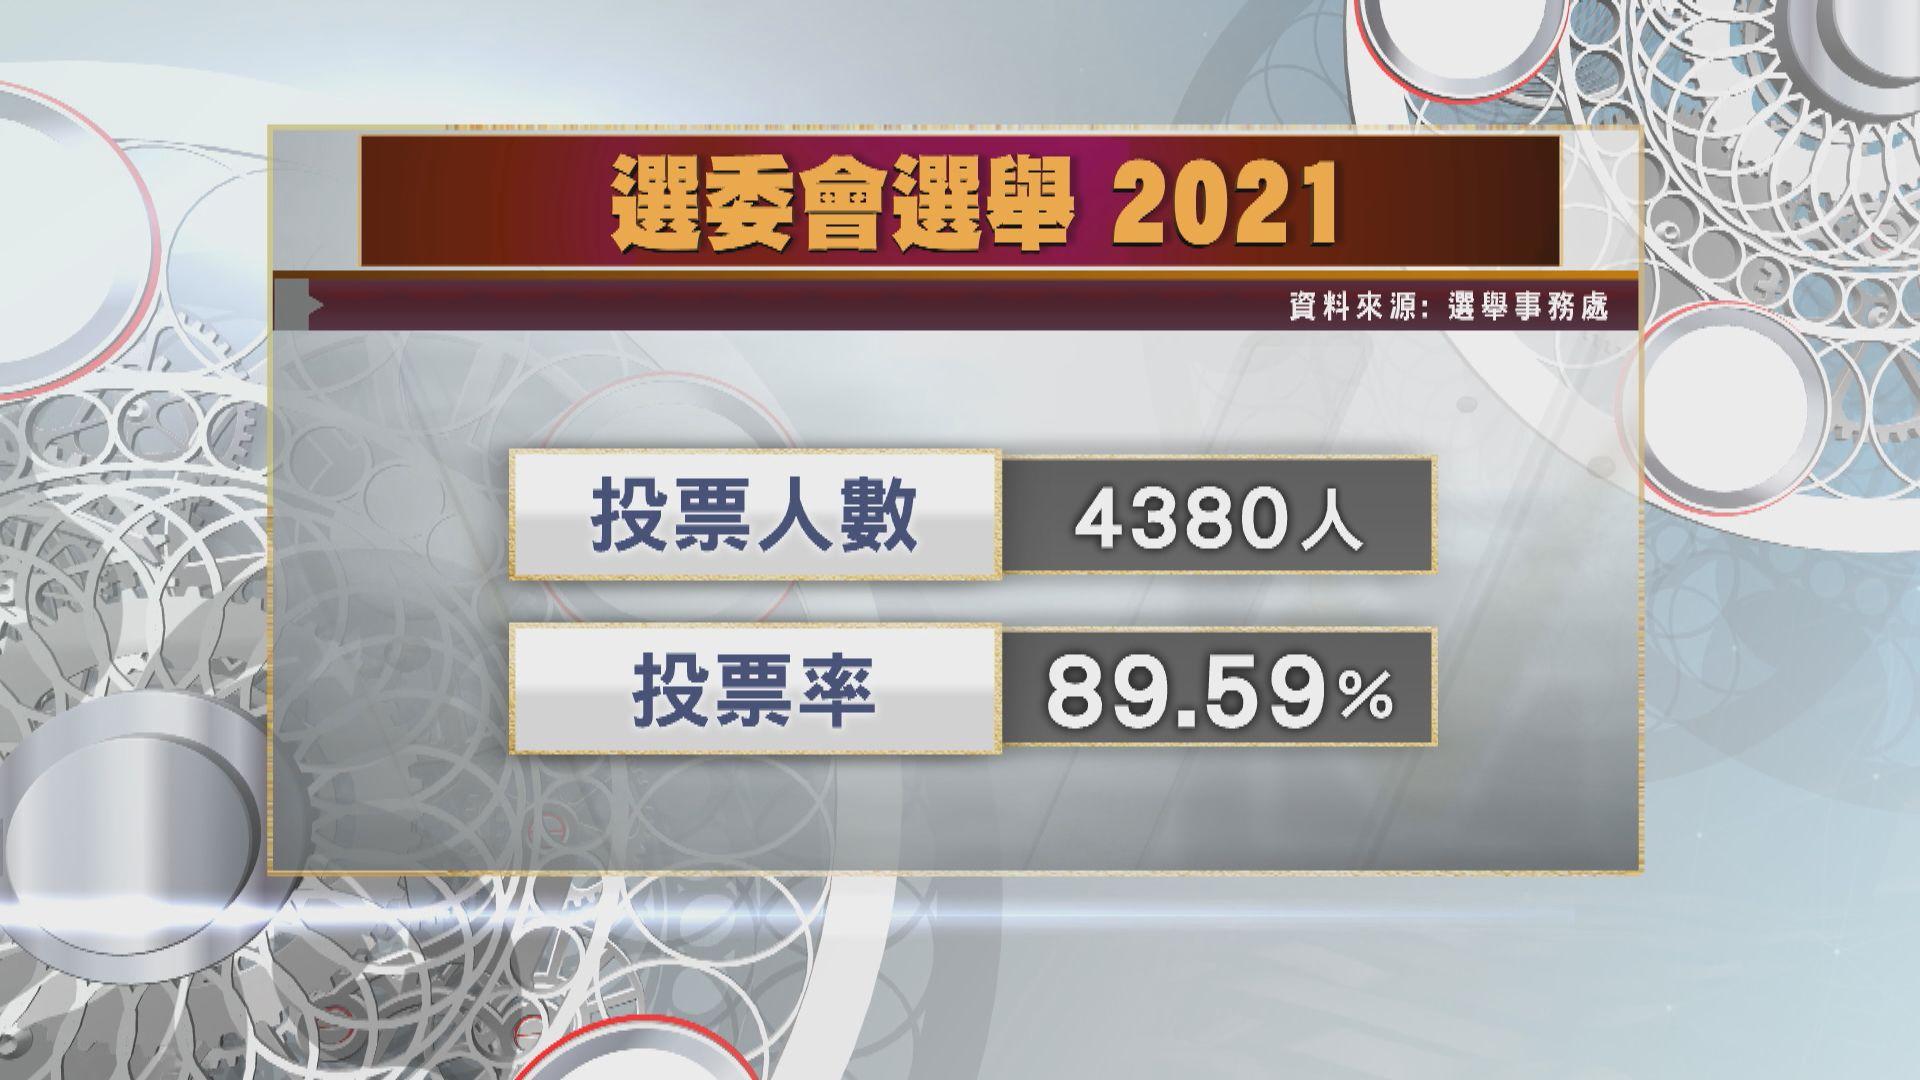 選委會選舉投票率近九成